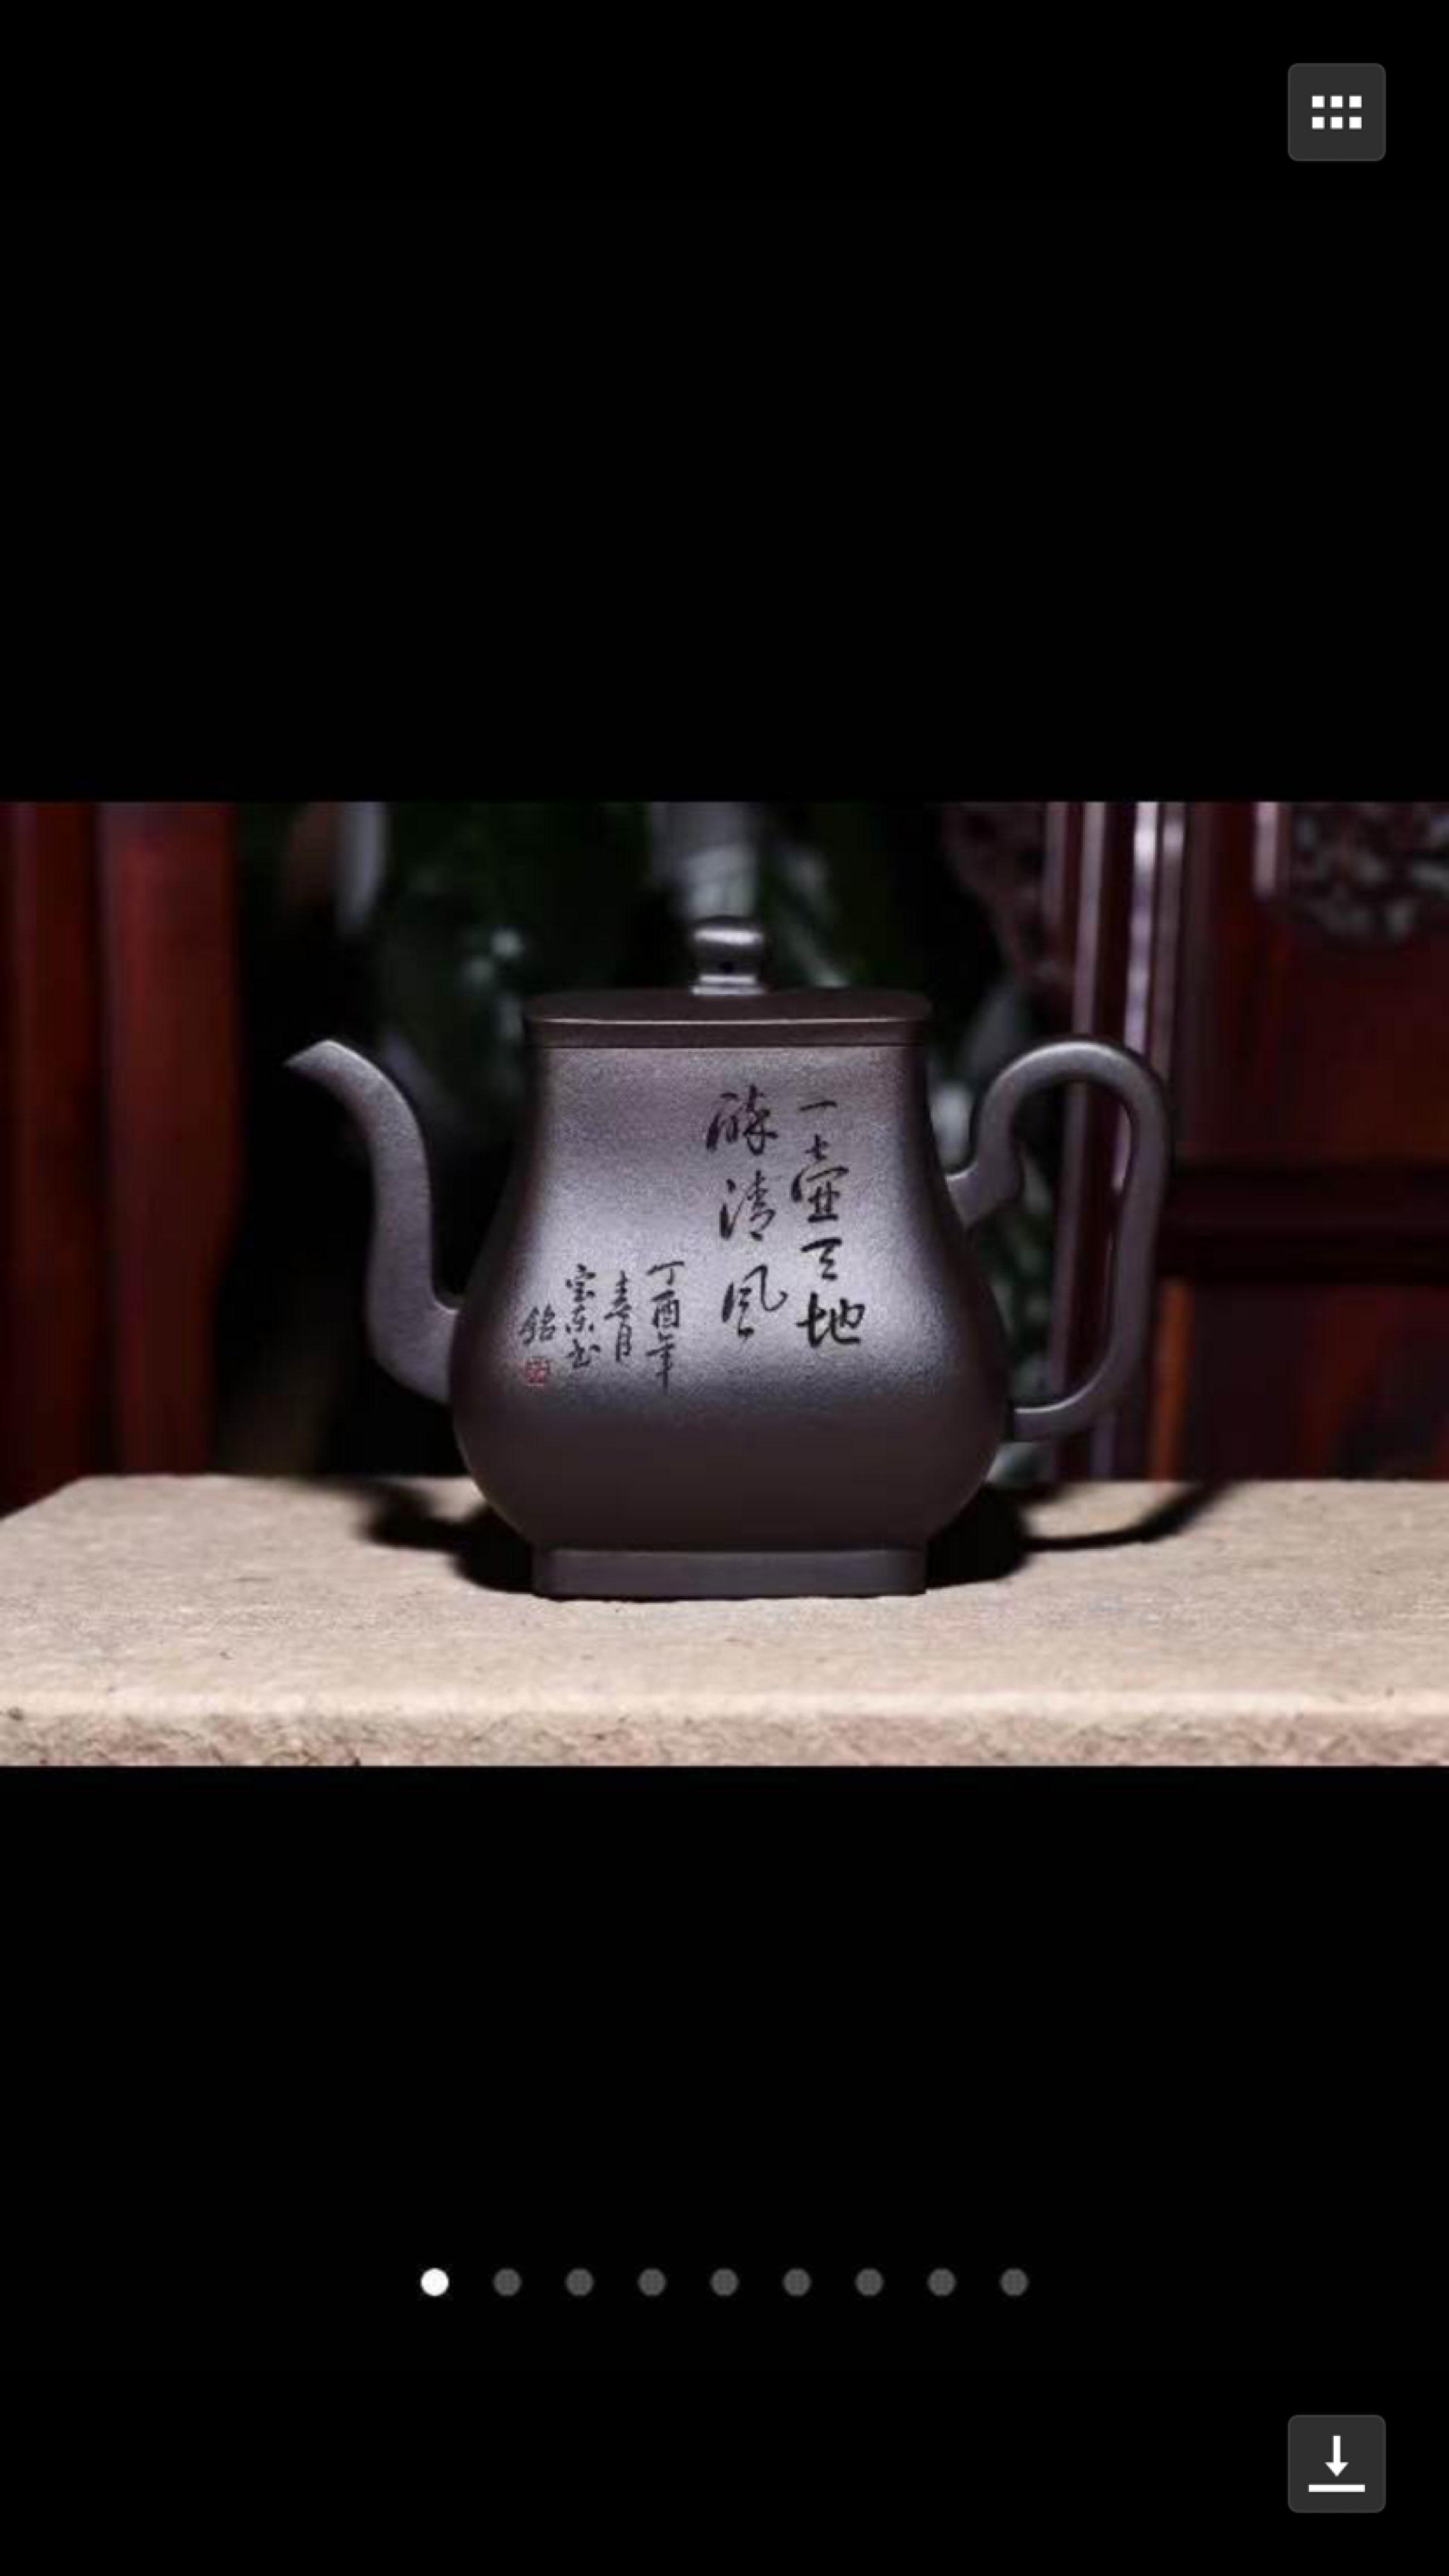 好茶配好壶